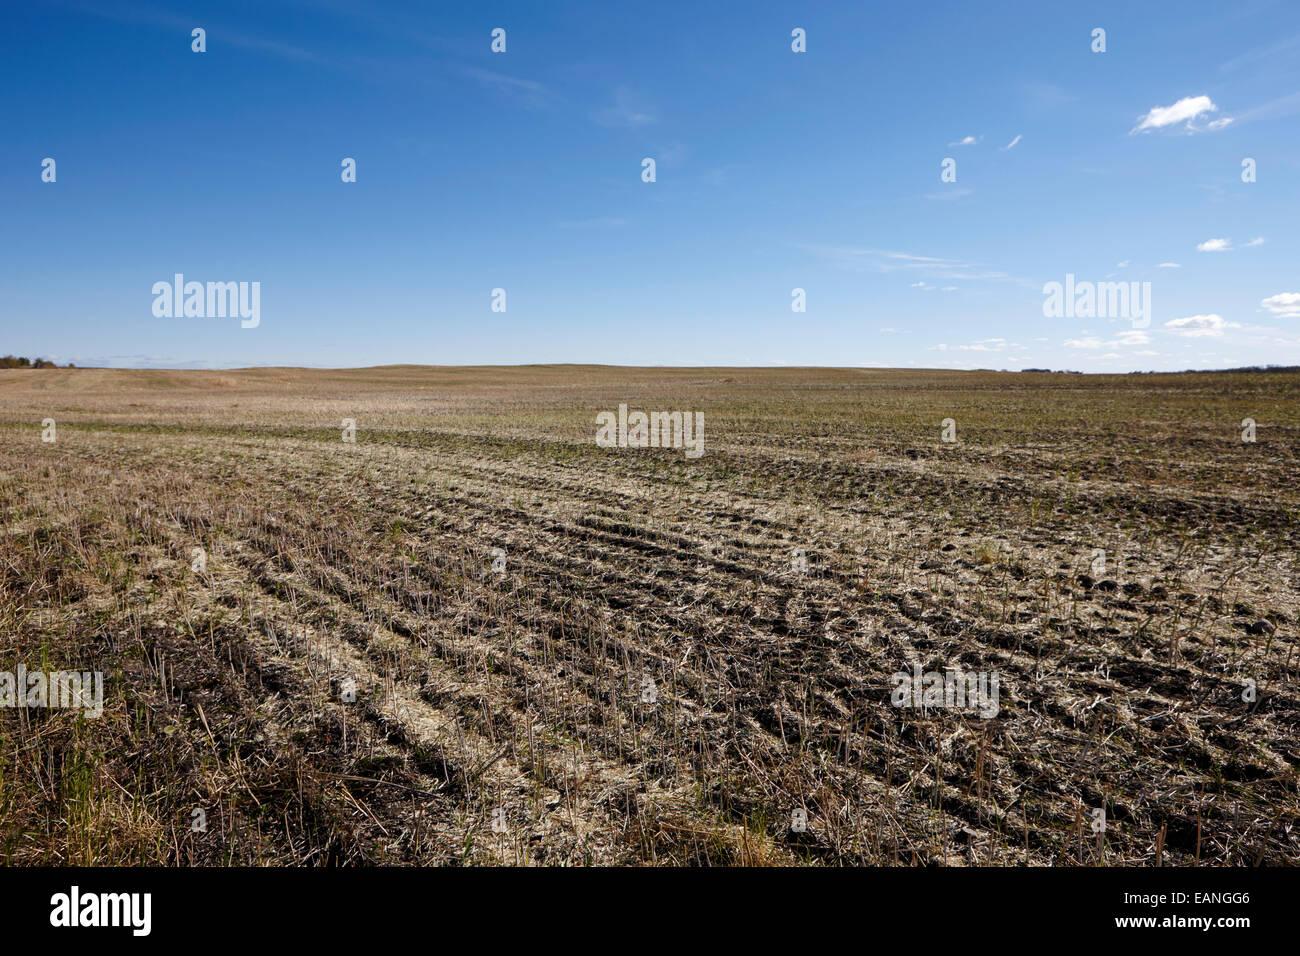 Ernte Stoppeln in einem neu geernteten Feld in ländlichen Prärie Saskatchewan Kanada Stoppeln wird oft Stockbild